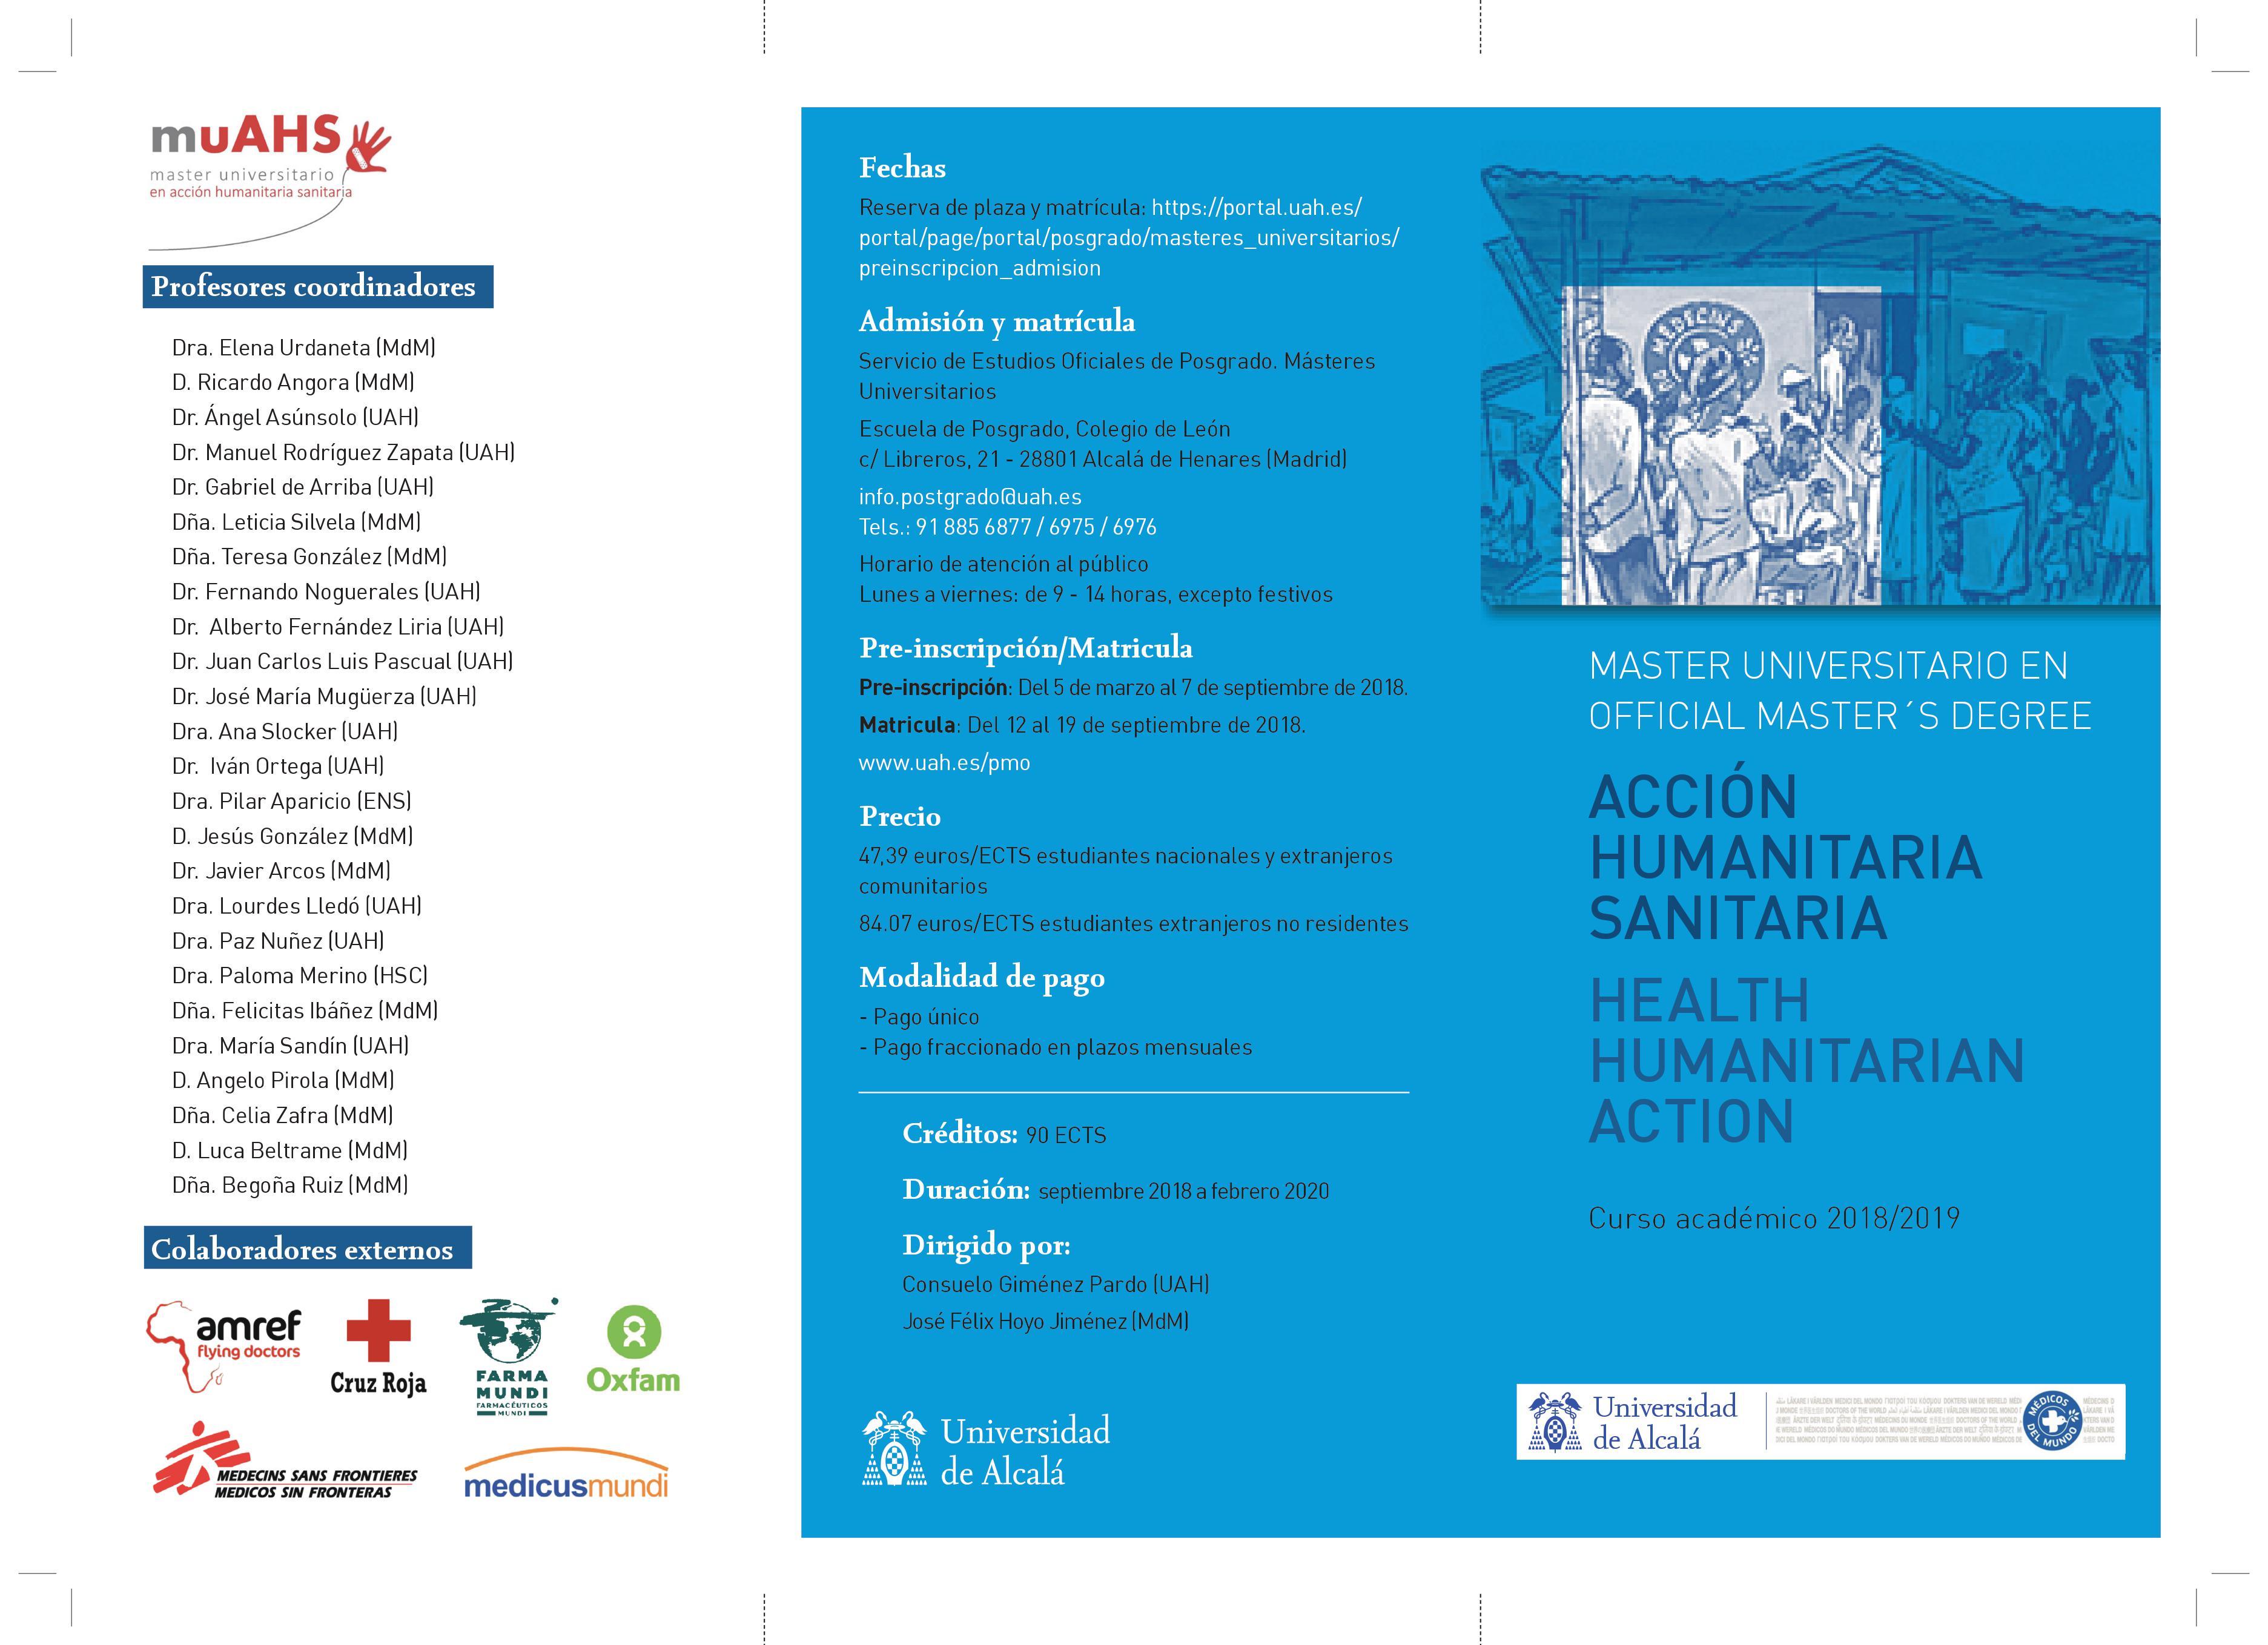 Uah Calendario Academico.Master Universitario En Accion Humanitaria Sanitaria En La